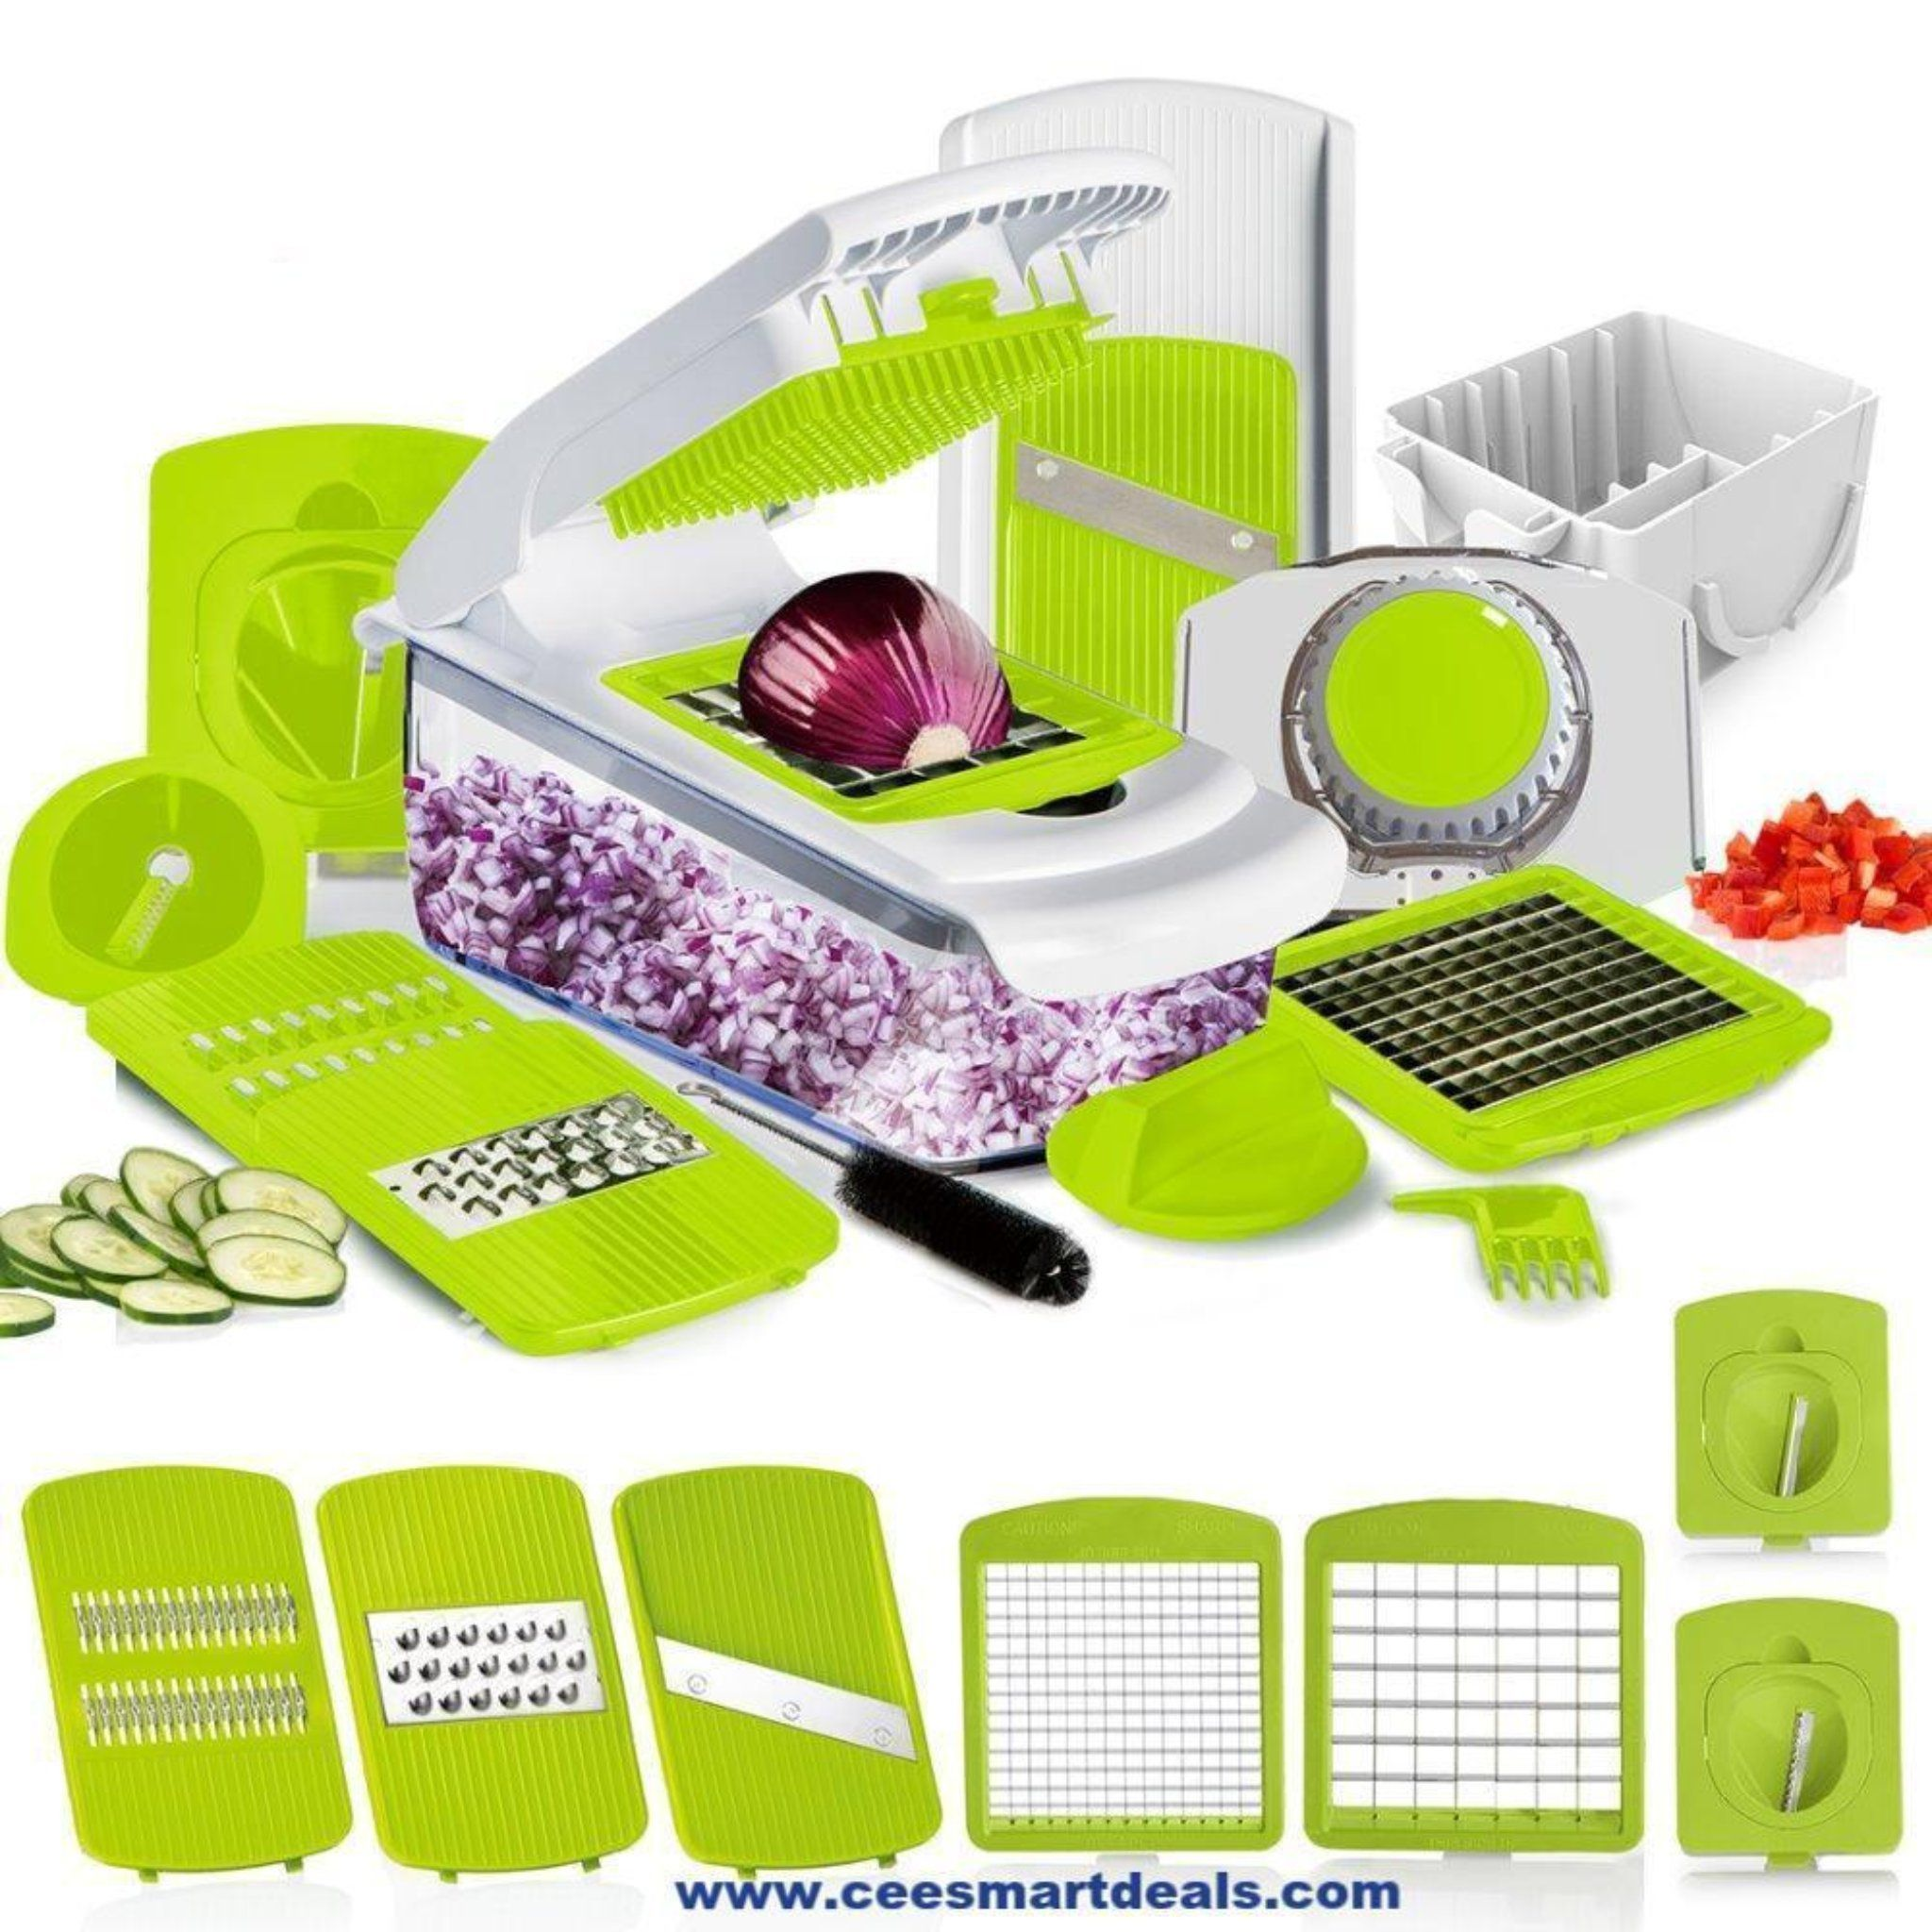 Mandoline Slicer Grater Vegetable Cutter Onion Slicer Kitchen Chopper Peeler Set